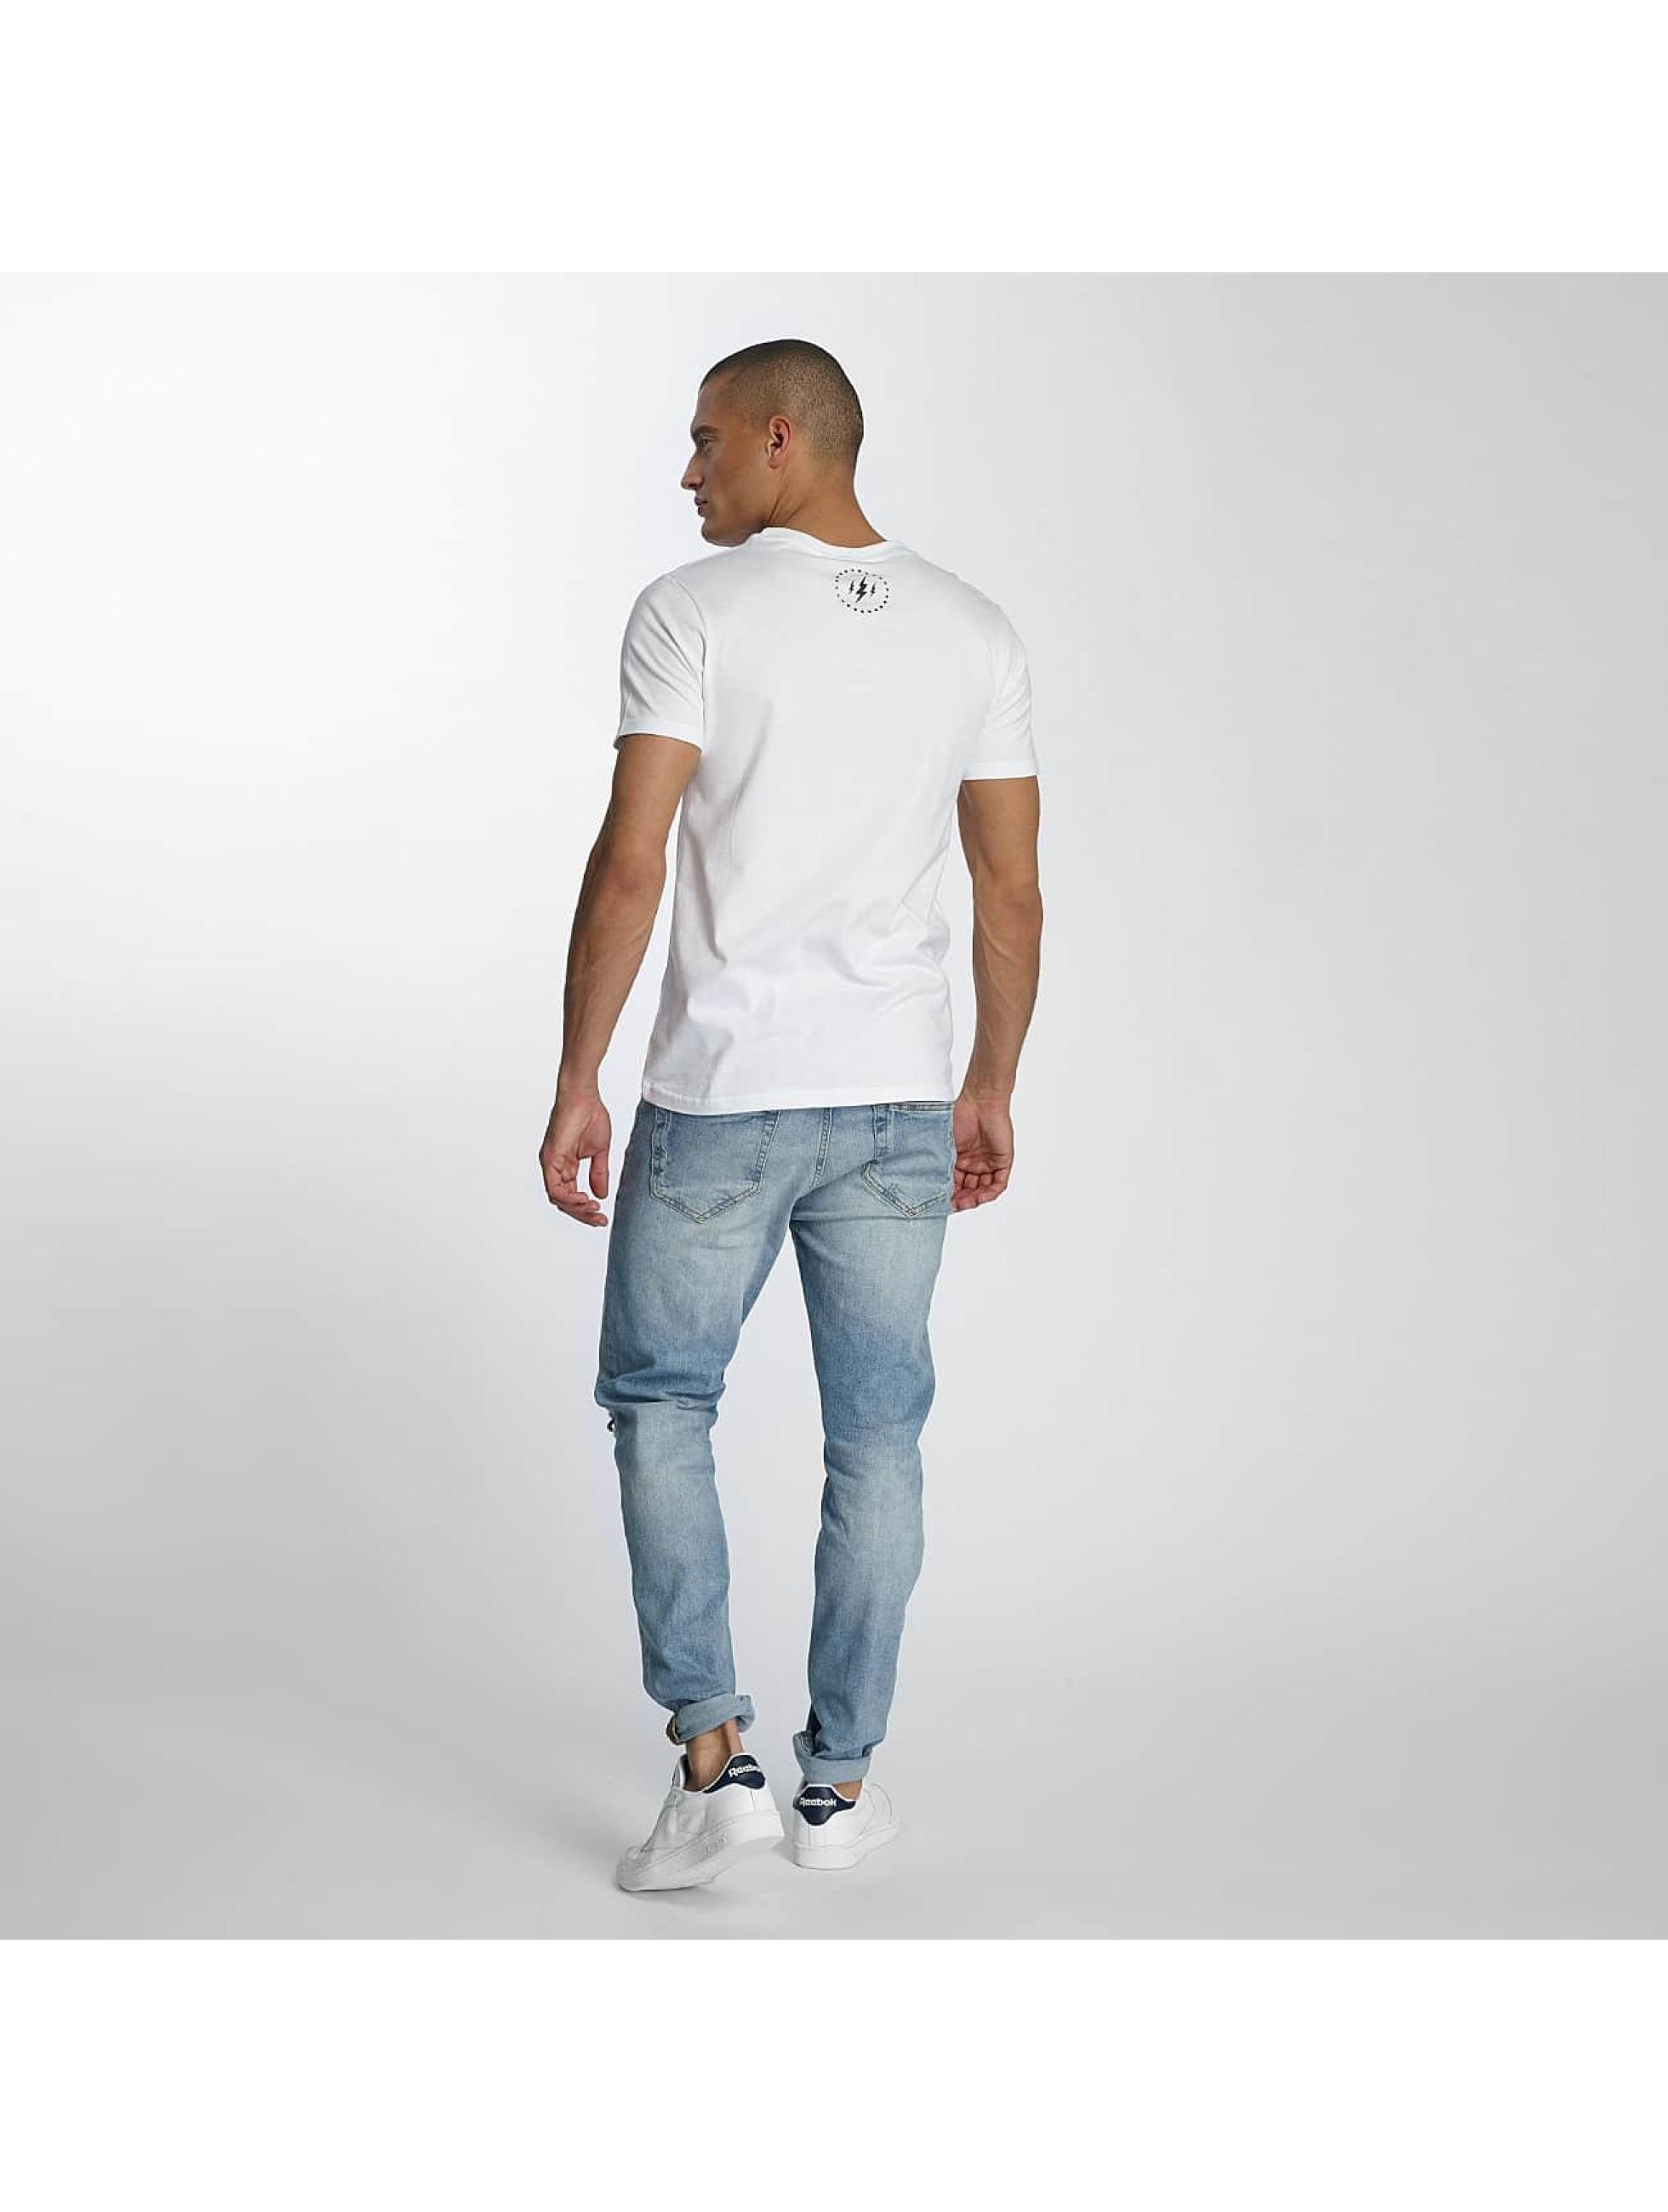 TrueSpin T-shirt 2 bianco